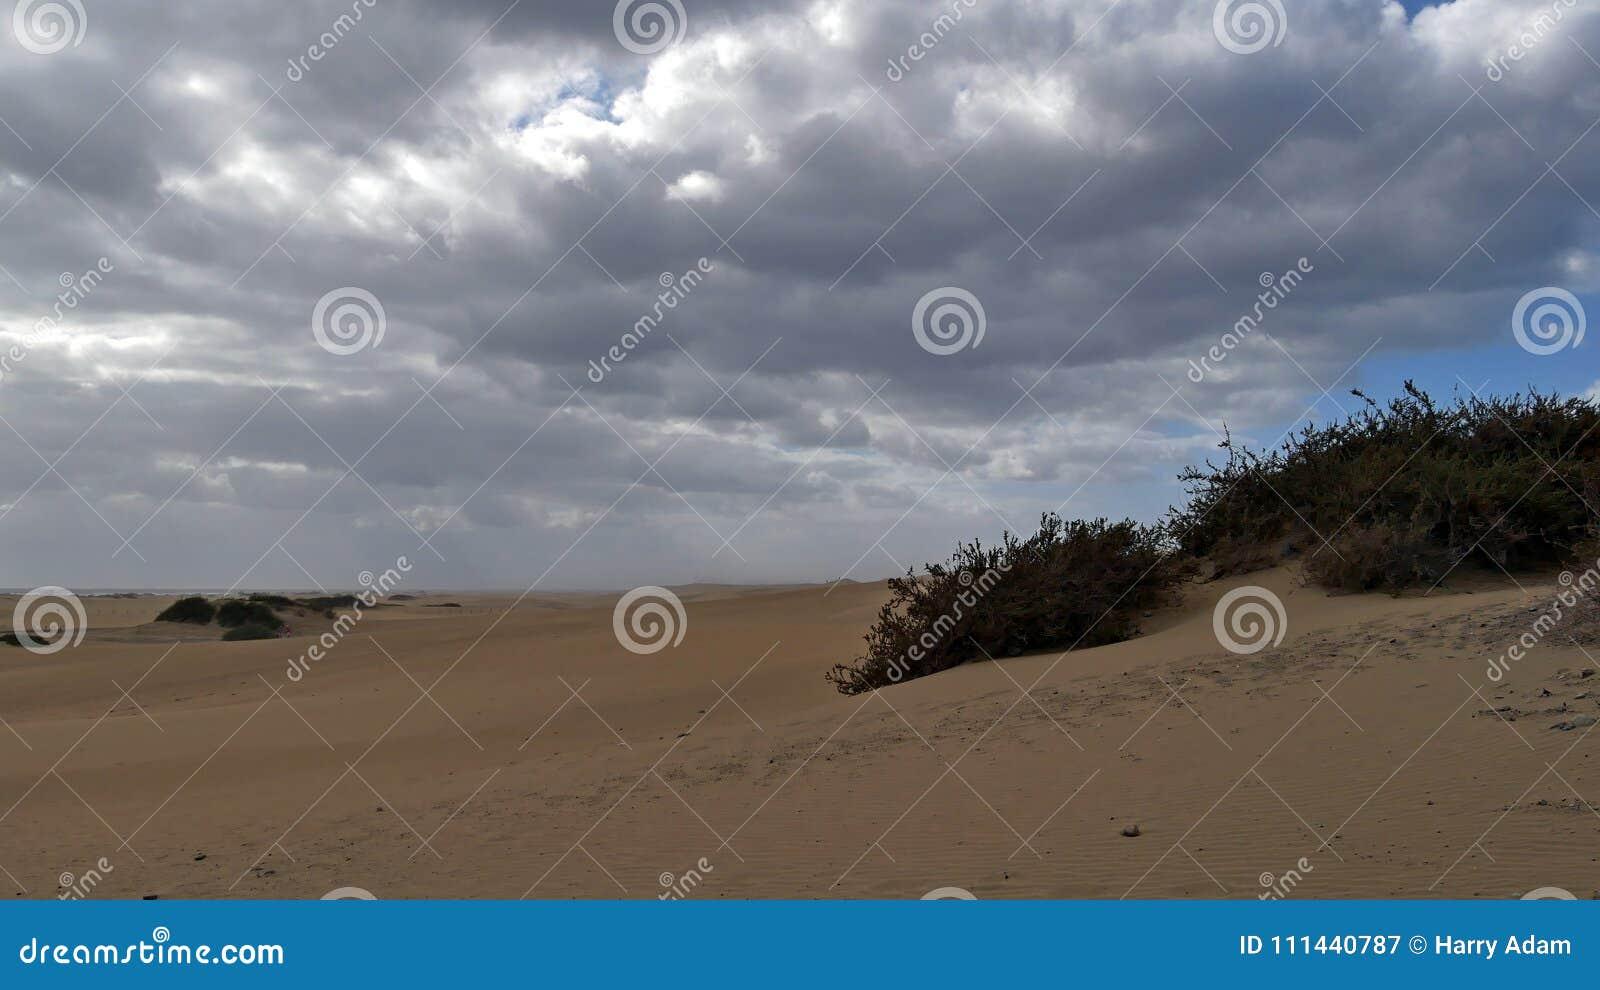 Dunas de Maspalomas - Gran Canaria - Spanien - am Sturm - grauer Himmel mit vielen Wolken